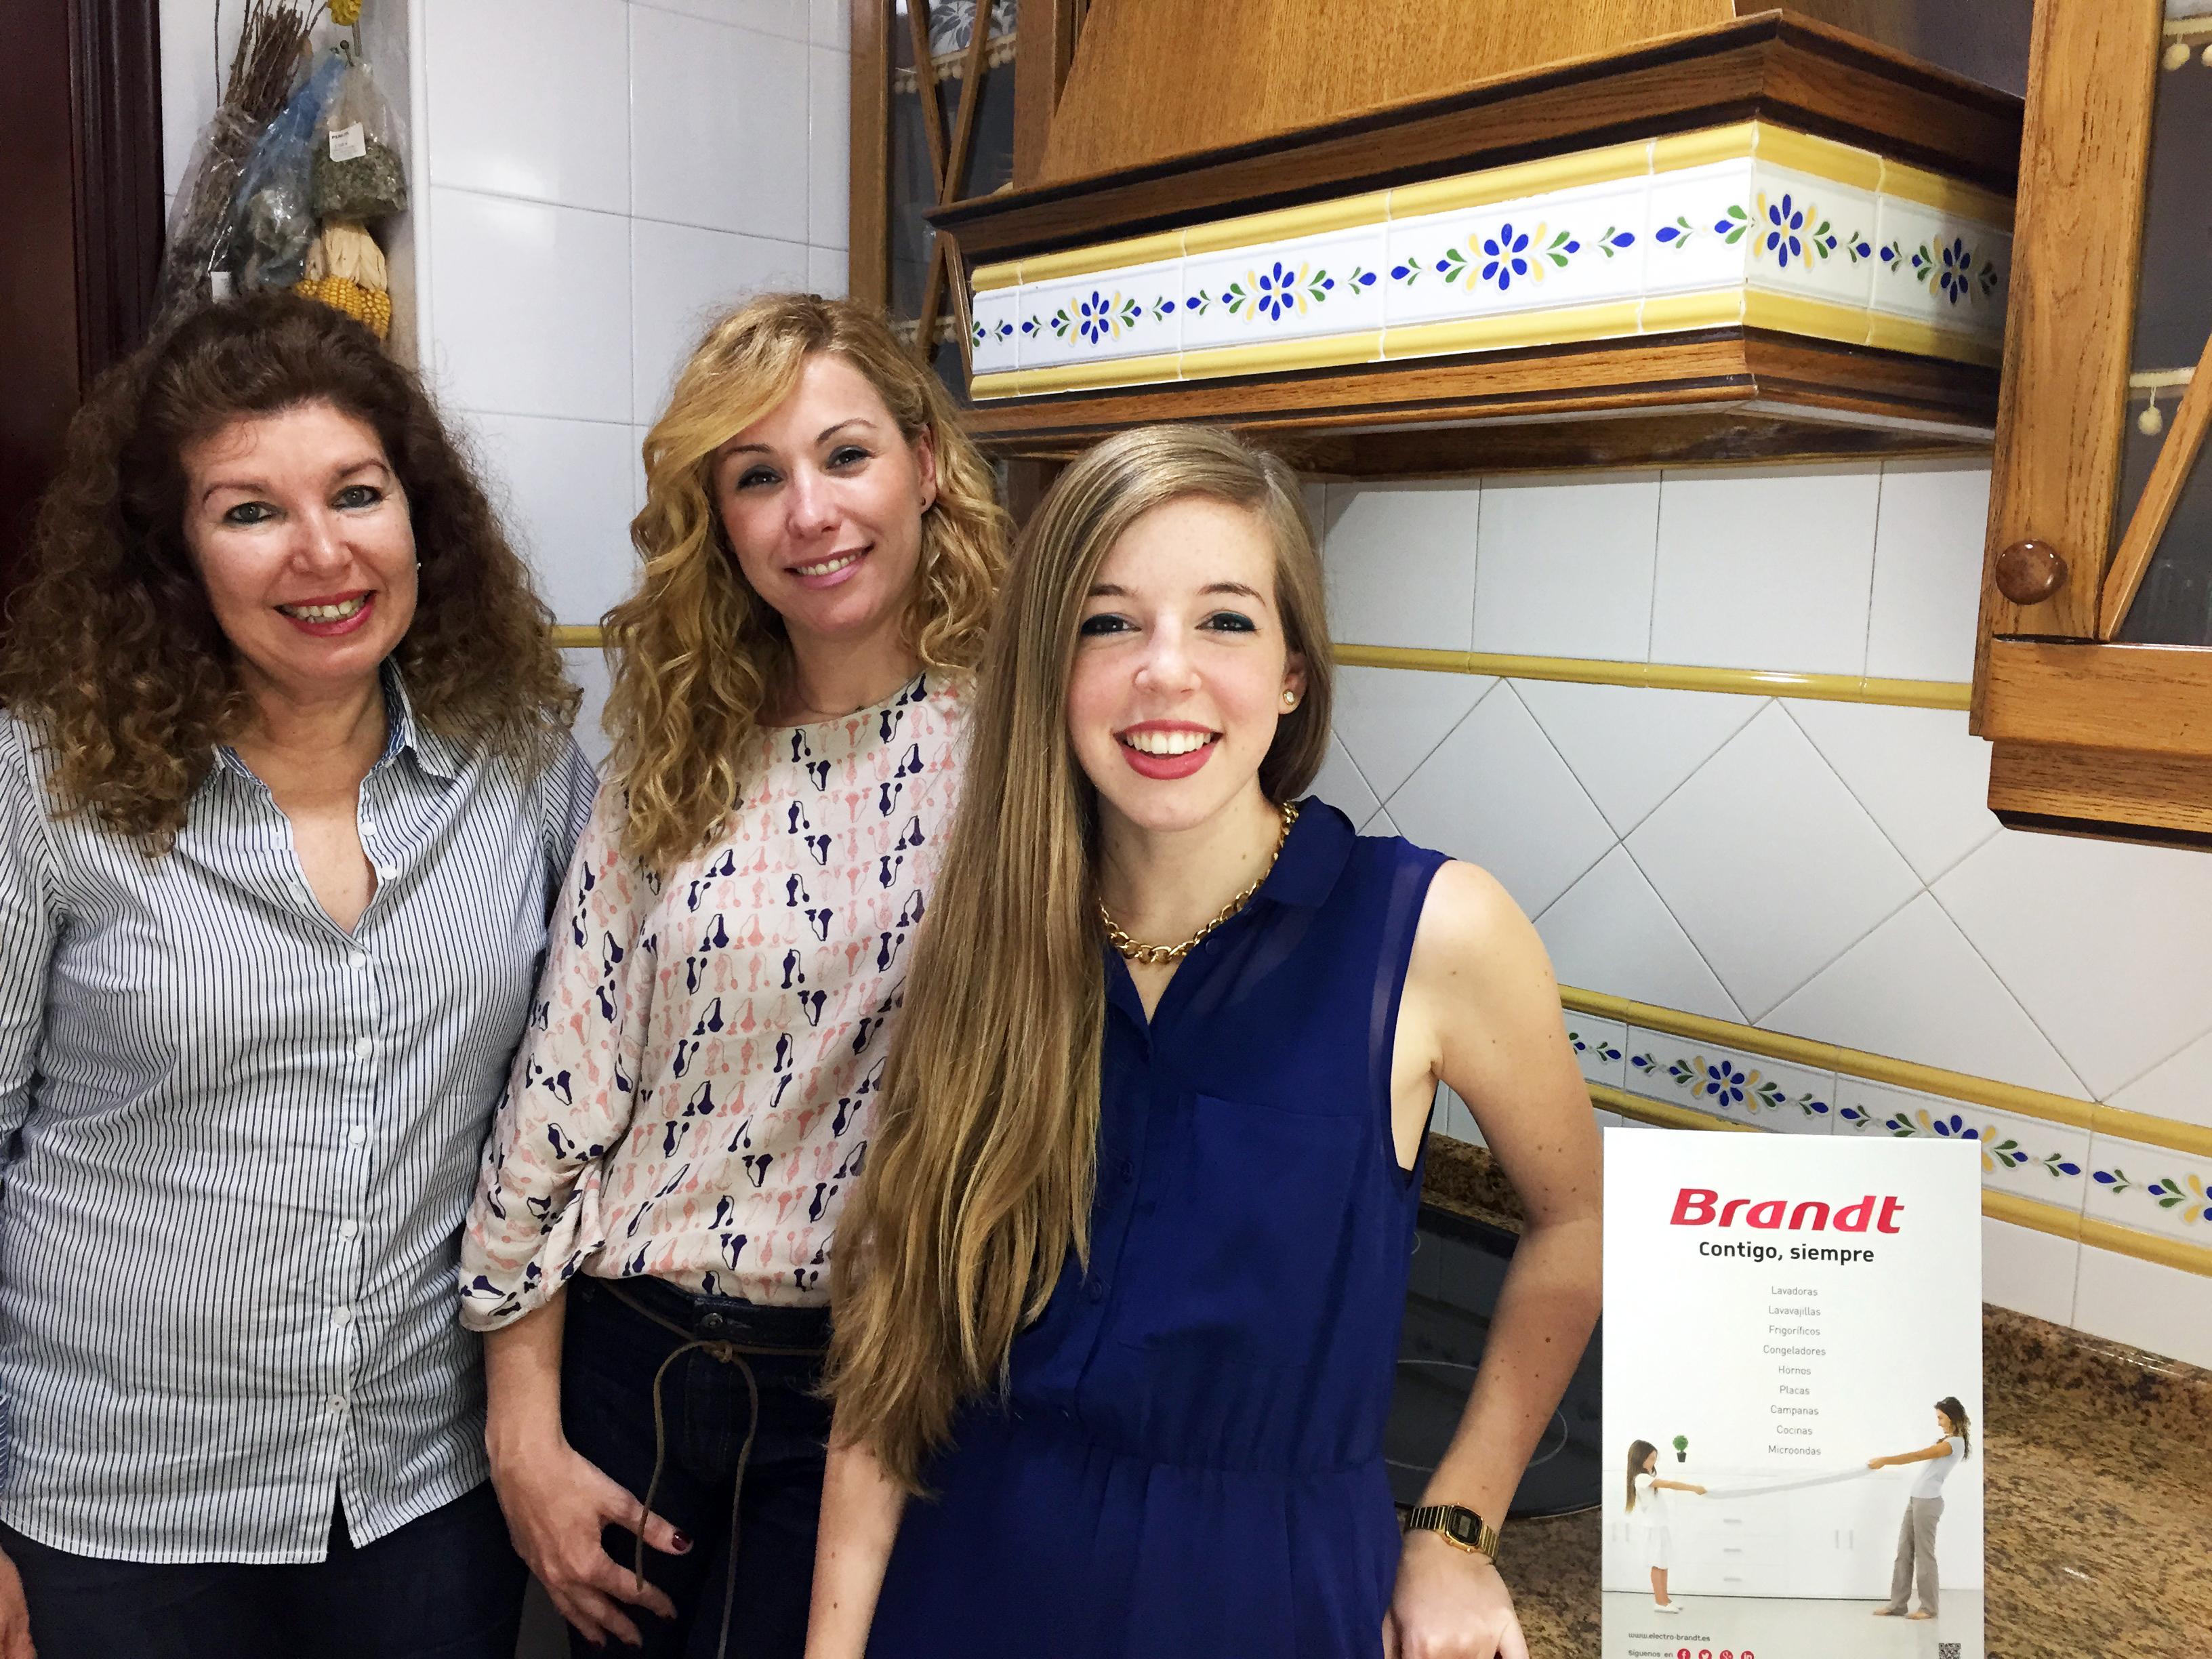 Brandt con los cocineros en las rrss electrodom sticos brandt - Cocina para todos ...